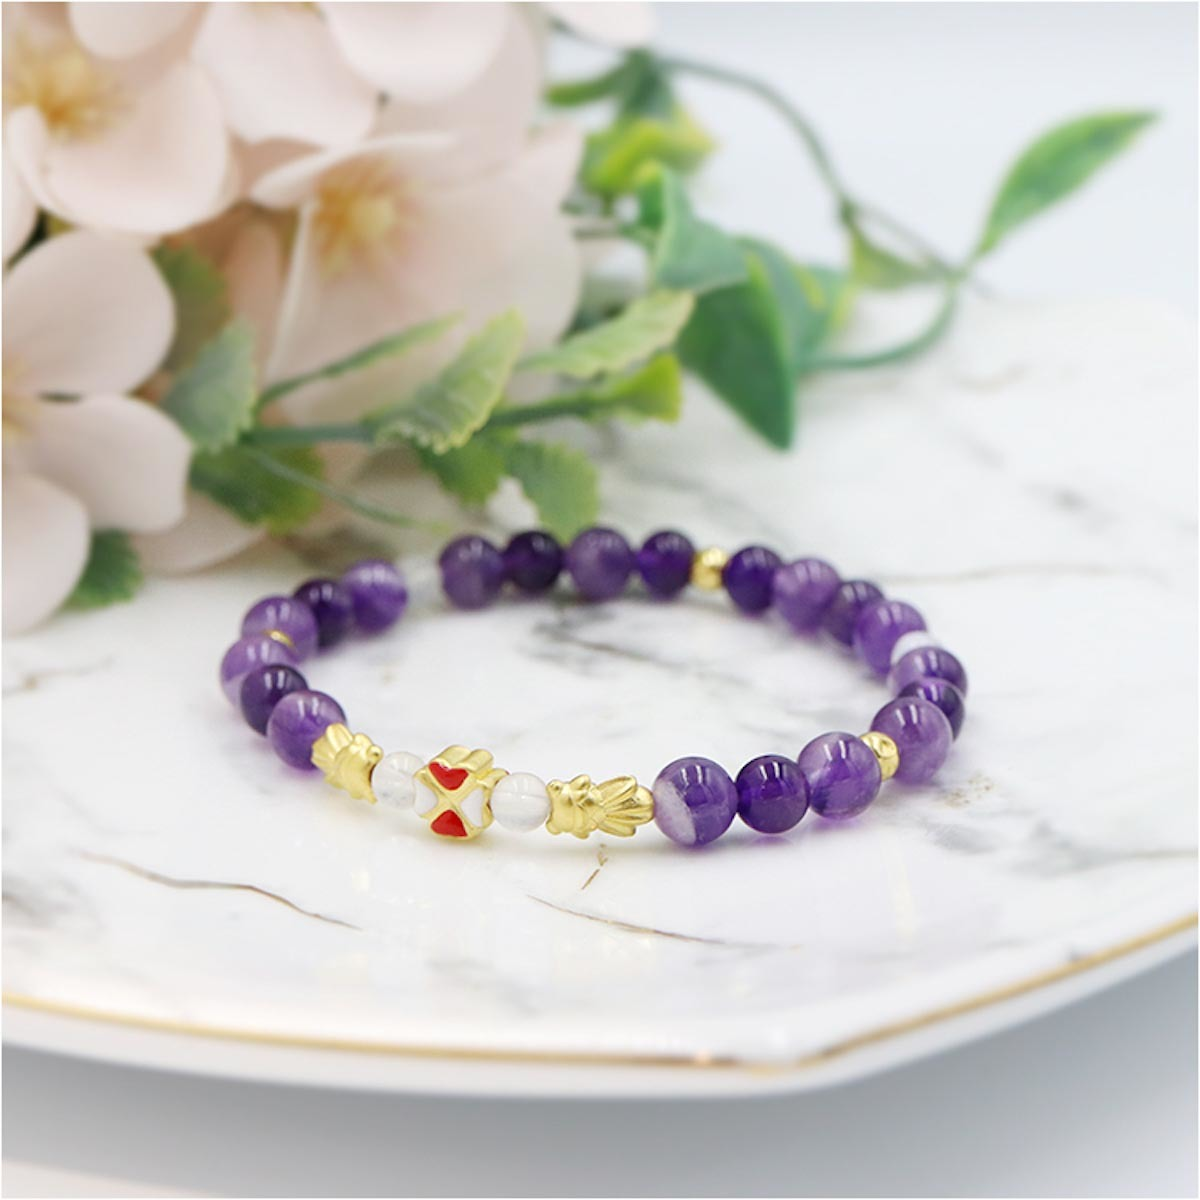 2月誕生石紫水晶源自希臘神話讓酒神保持清醒的意思